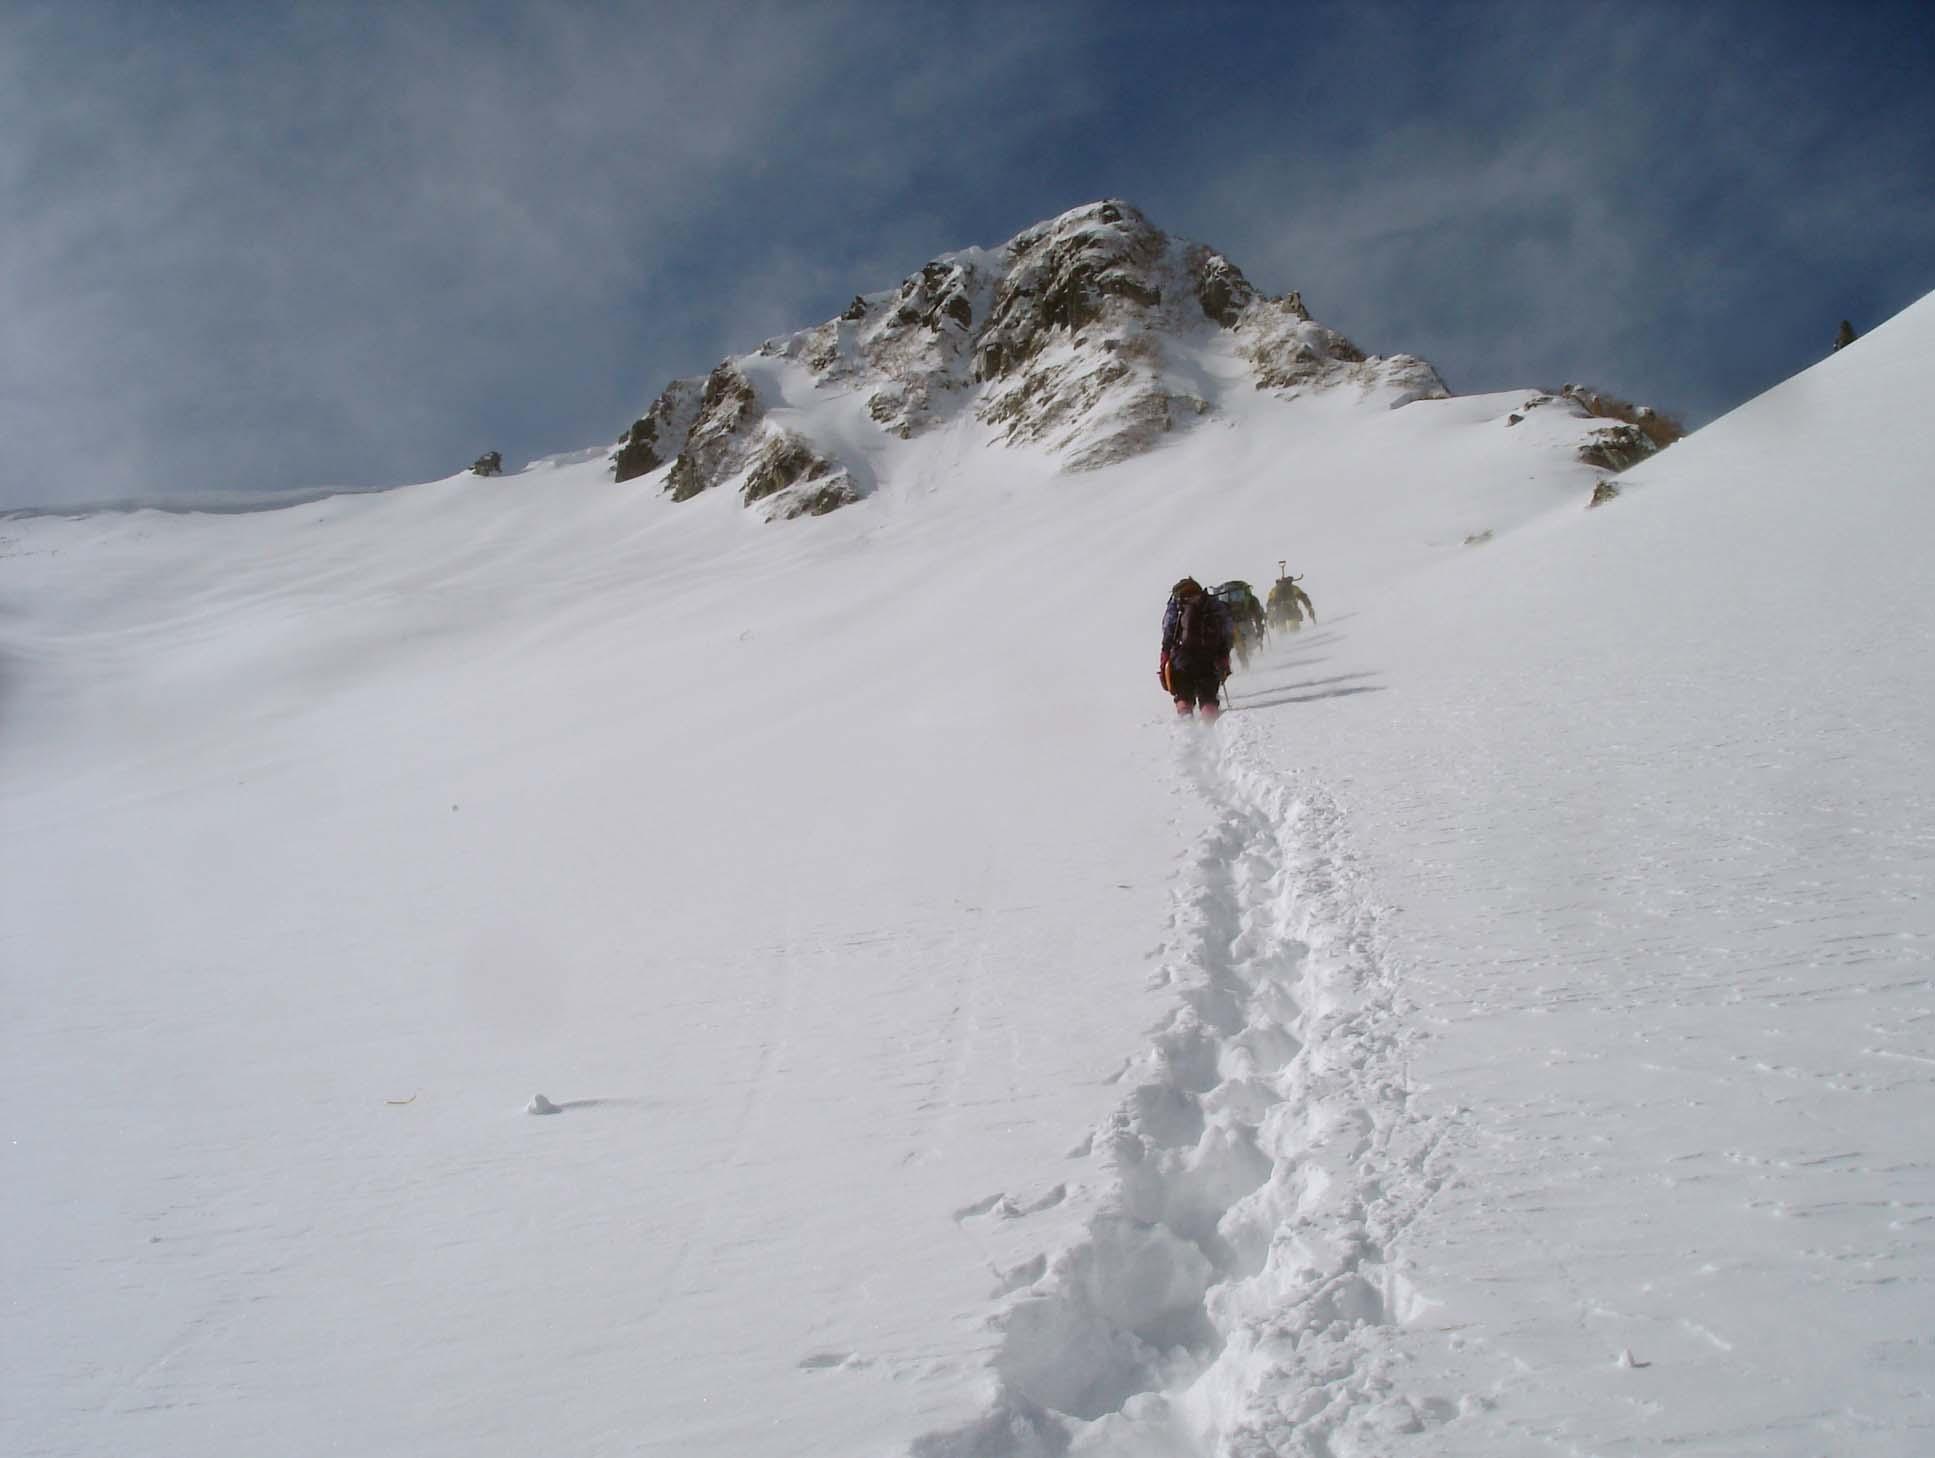 雪庇観察地点へ移動 DSC05505